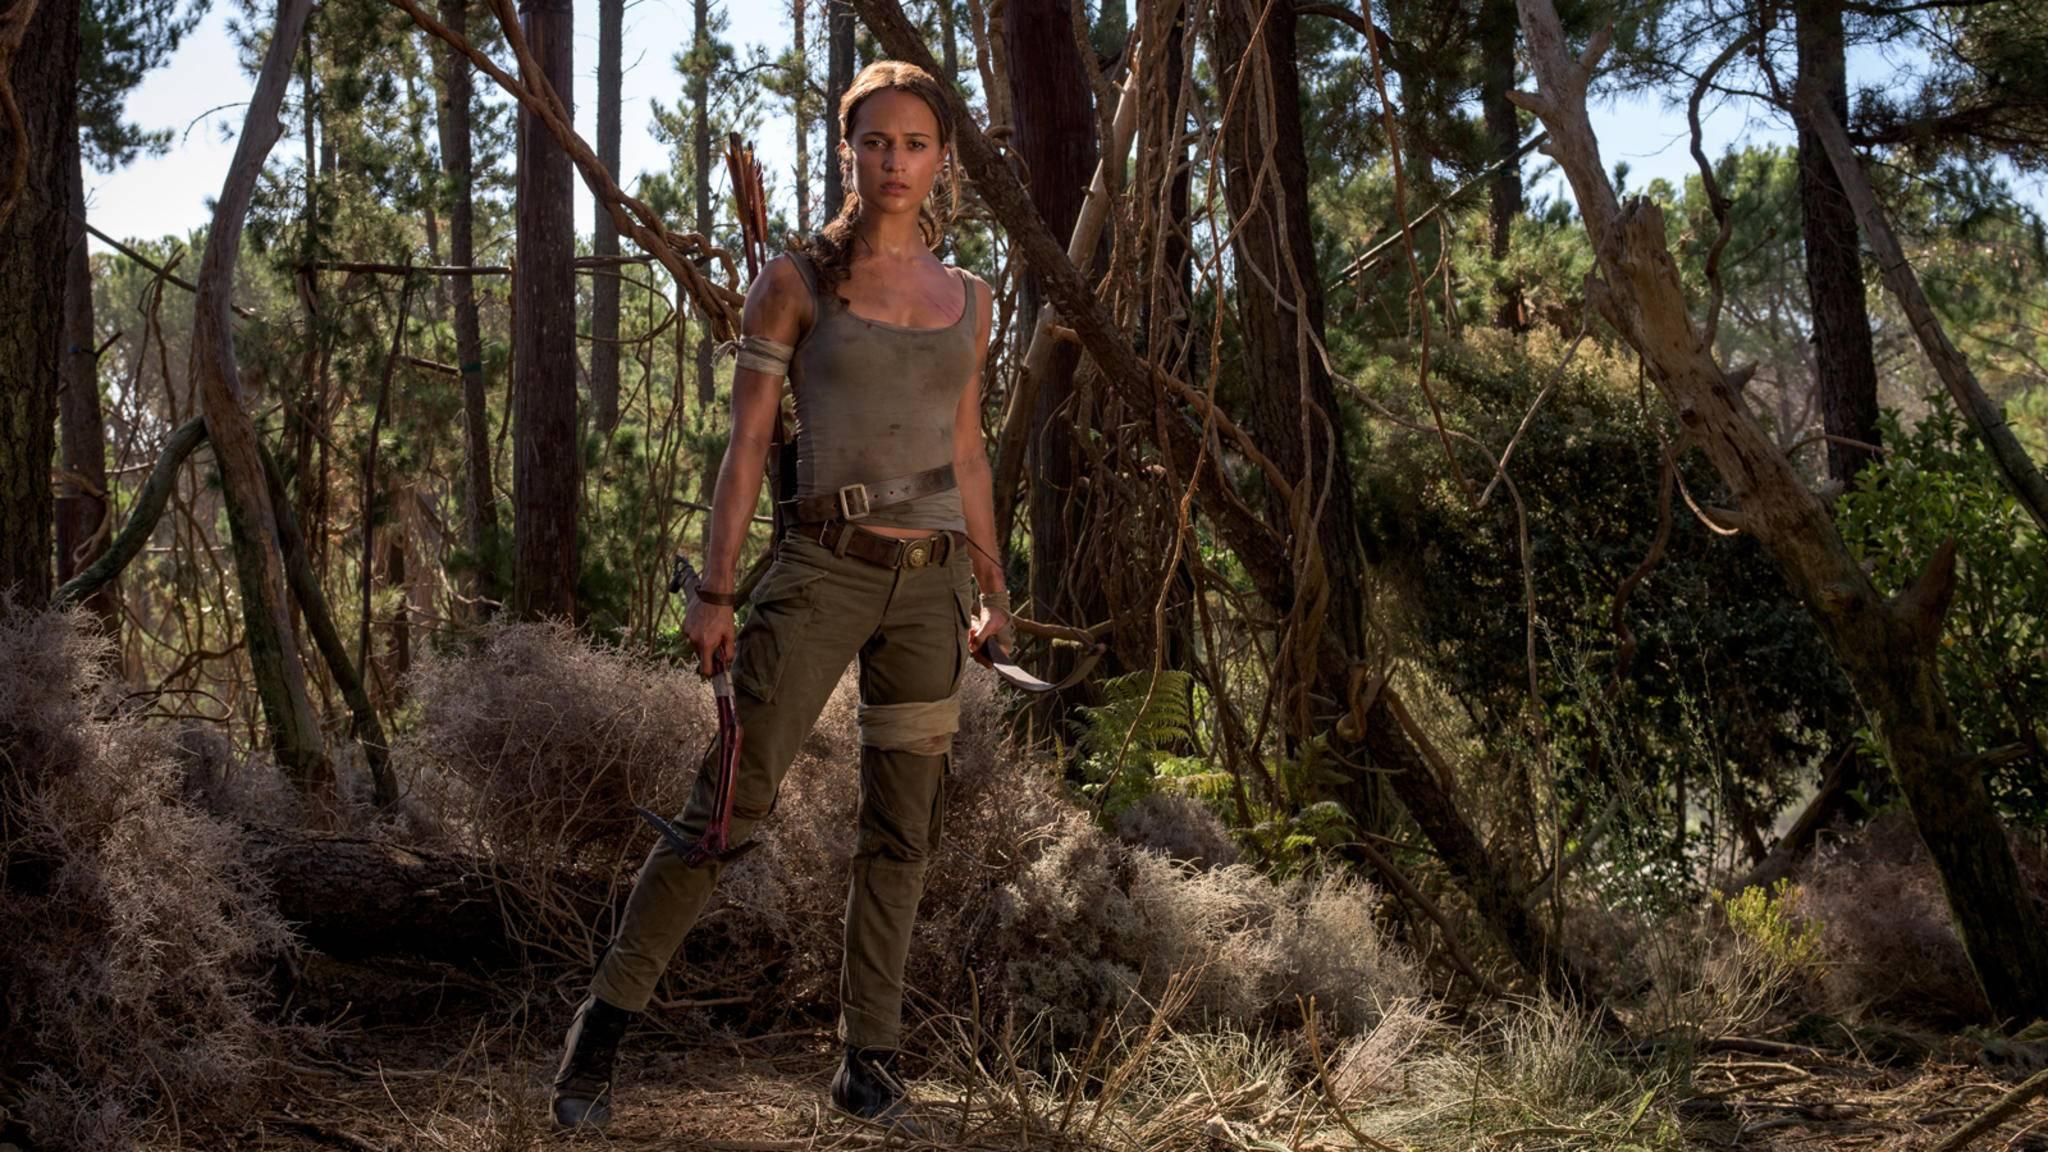 In rund einem halben Jahr gibt es neue Abenteueraction mit Lara Croft (Alicia Vikander).